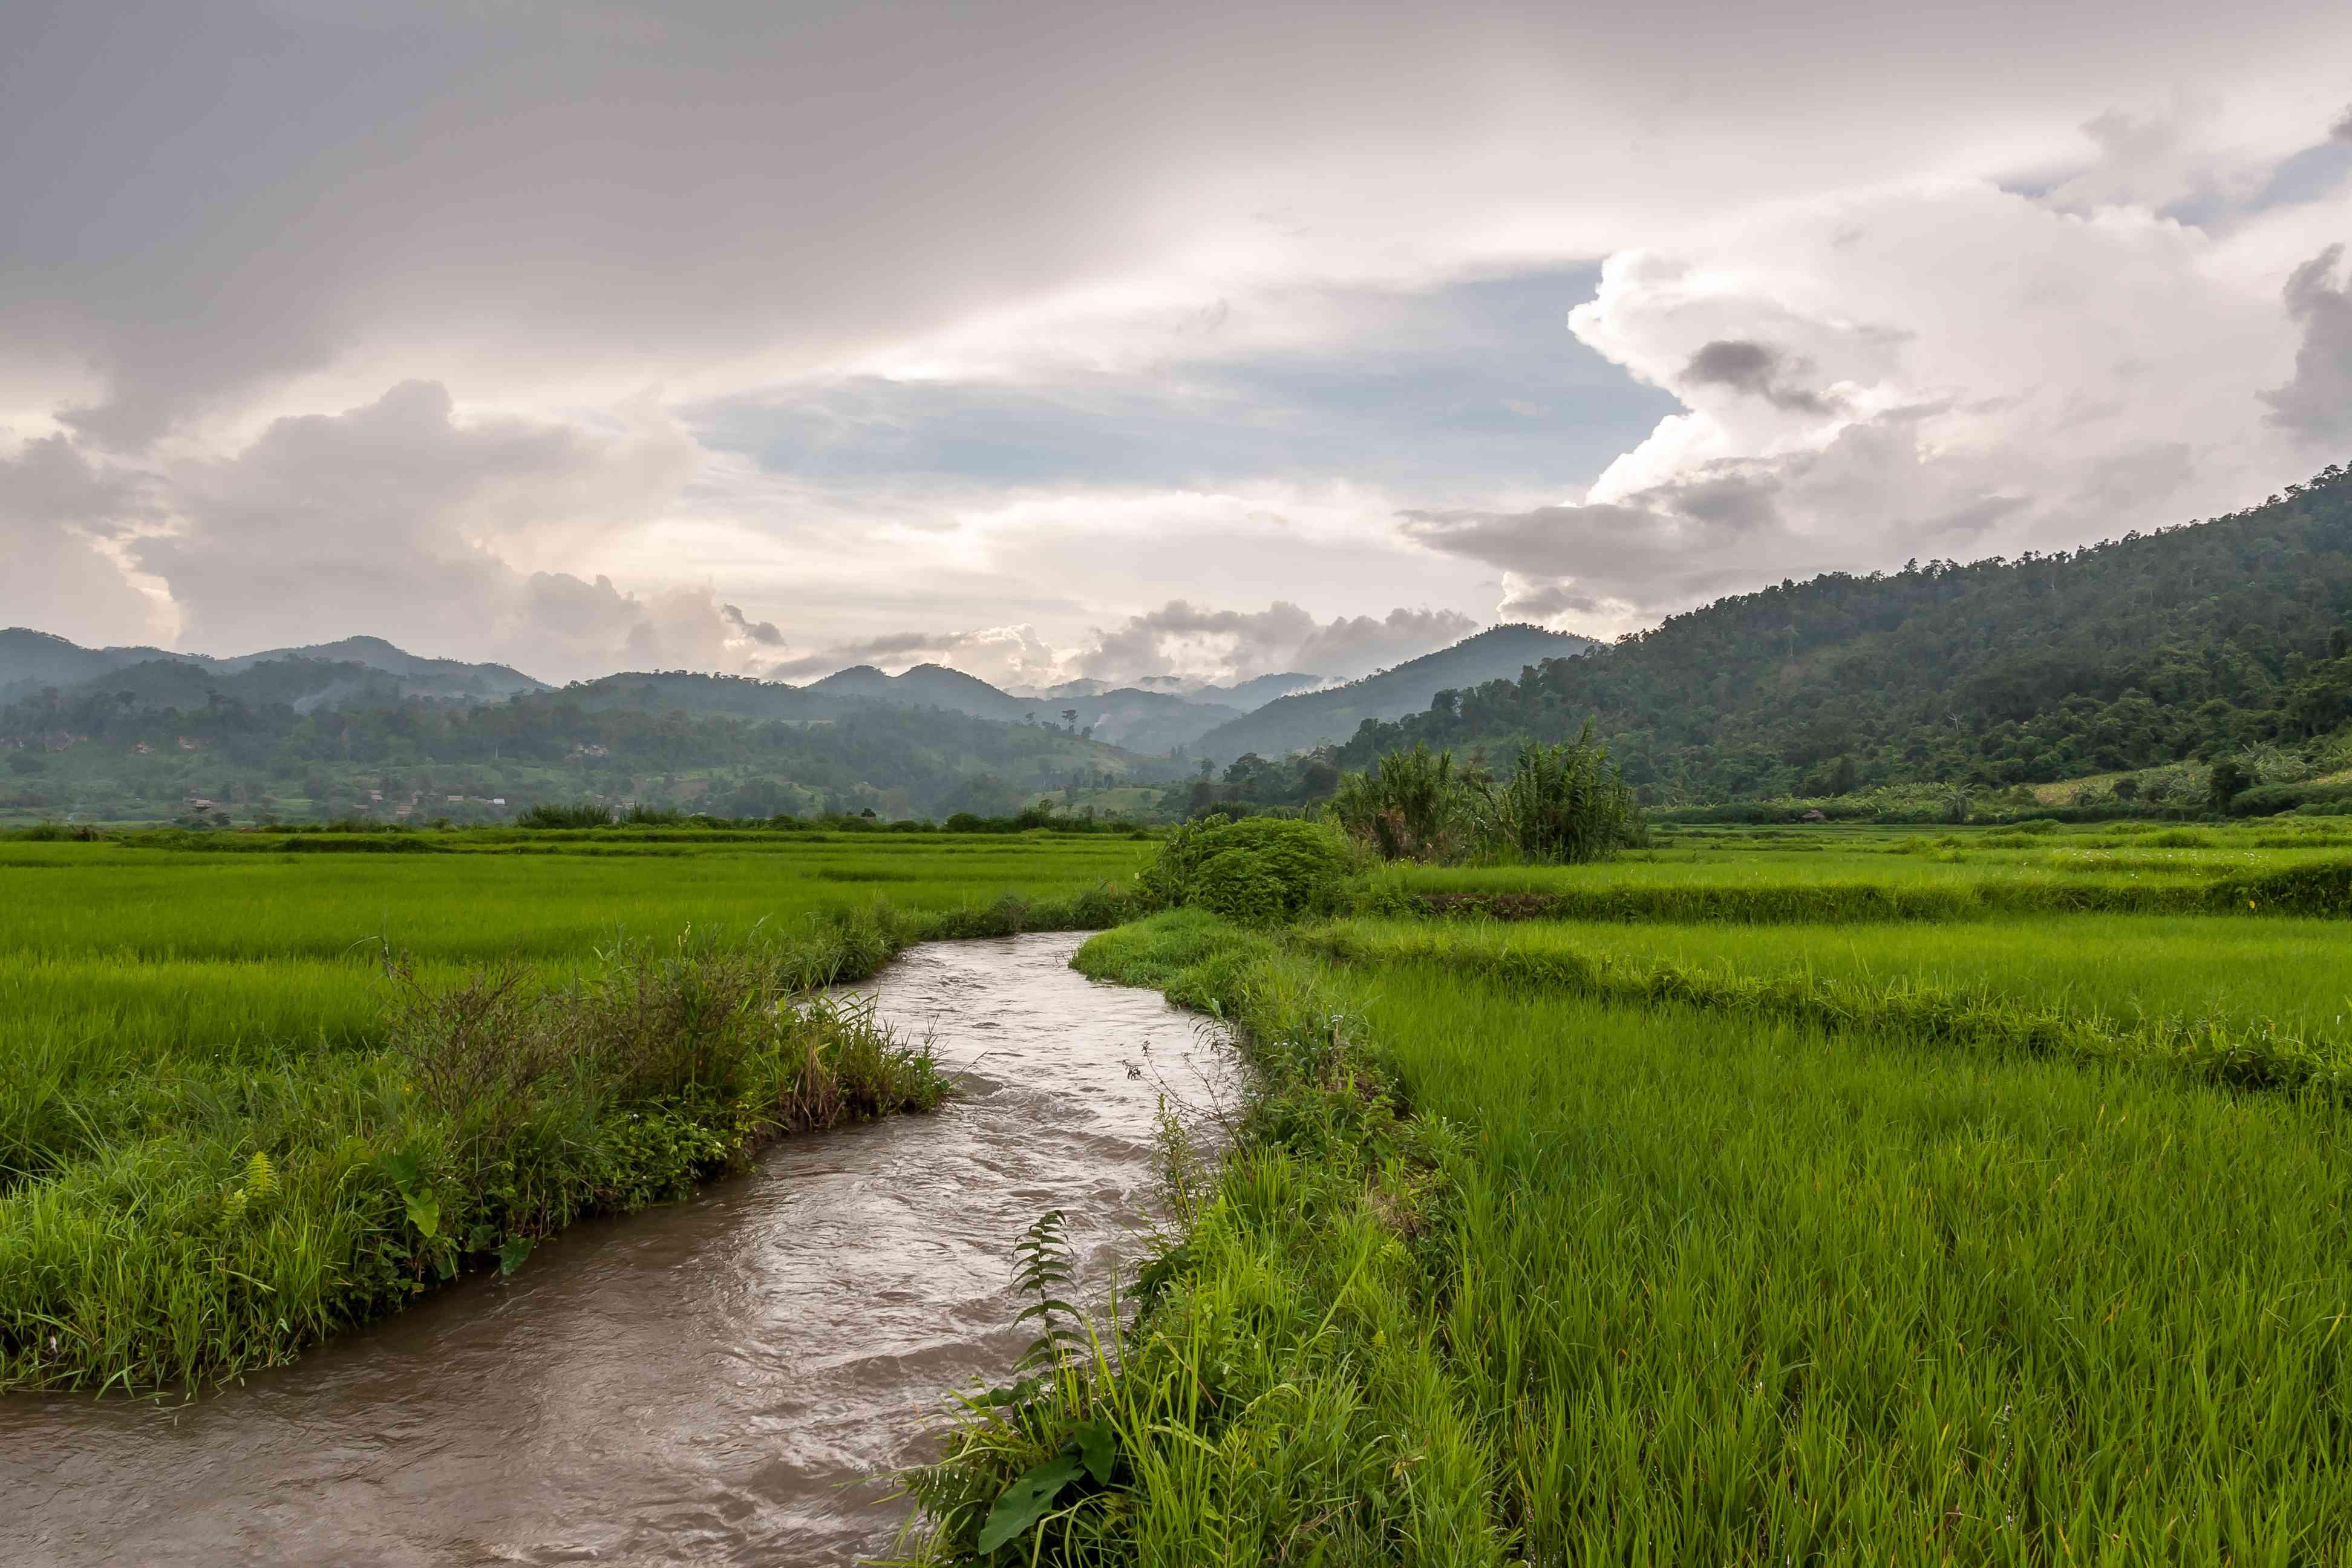 River traversing green rice paddies